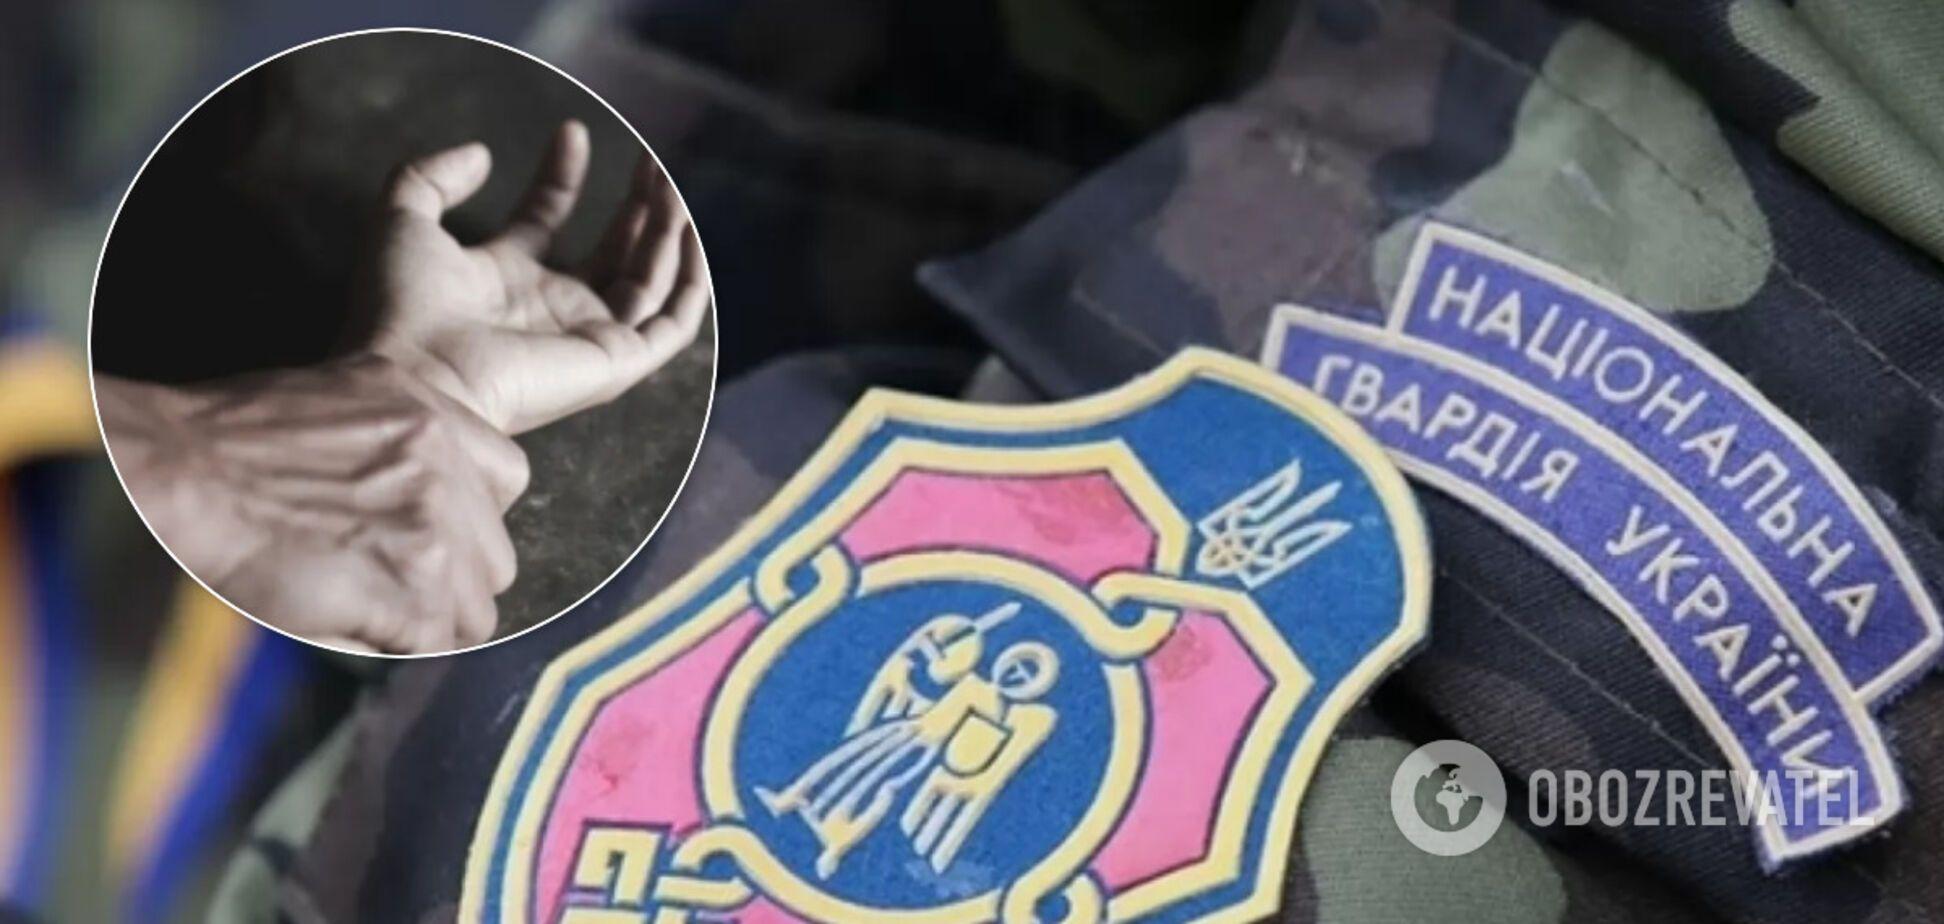 Зґвалтування неповнолітньої в Ужгороді: у Нацгвардії дали відповідь